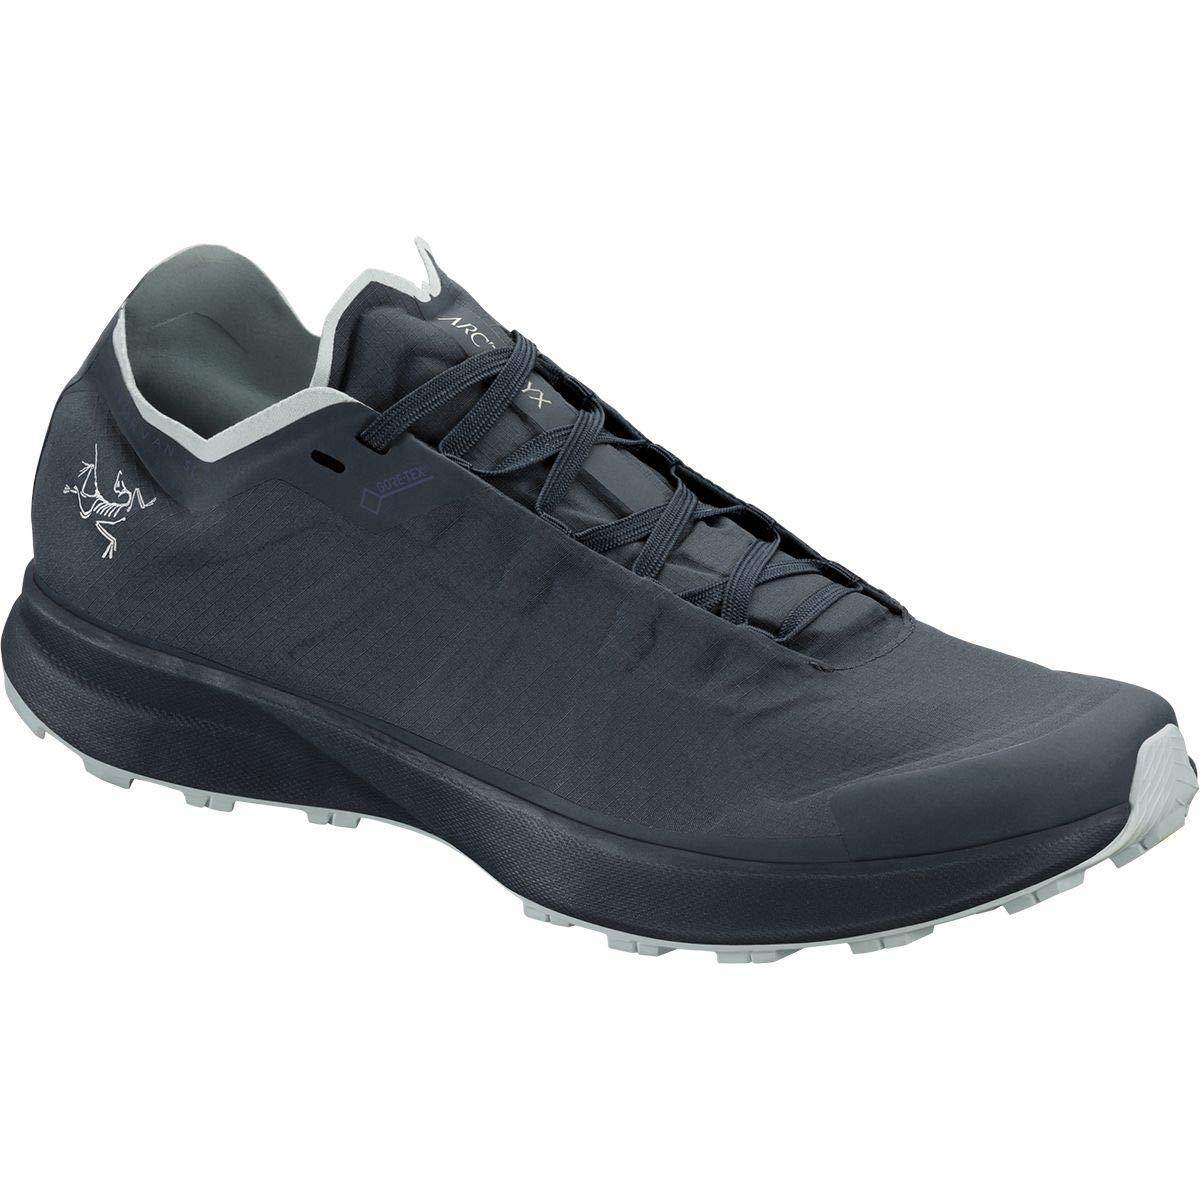 100 %品質保証 [アークテリクス] US-7.0/UK-5.5 レディース ランニング Norvan SL Running GTX GTX Running Shoe [並行輸入品] B07MT5WSG9 US-7.0/UK-5.5, ペットシーツ専門店エイクス:237eaee1 --- riyazinterior.in